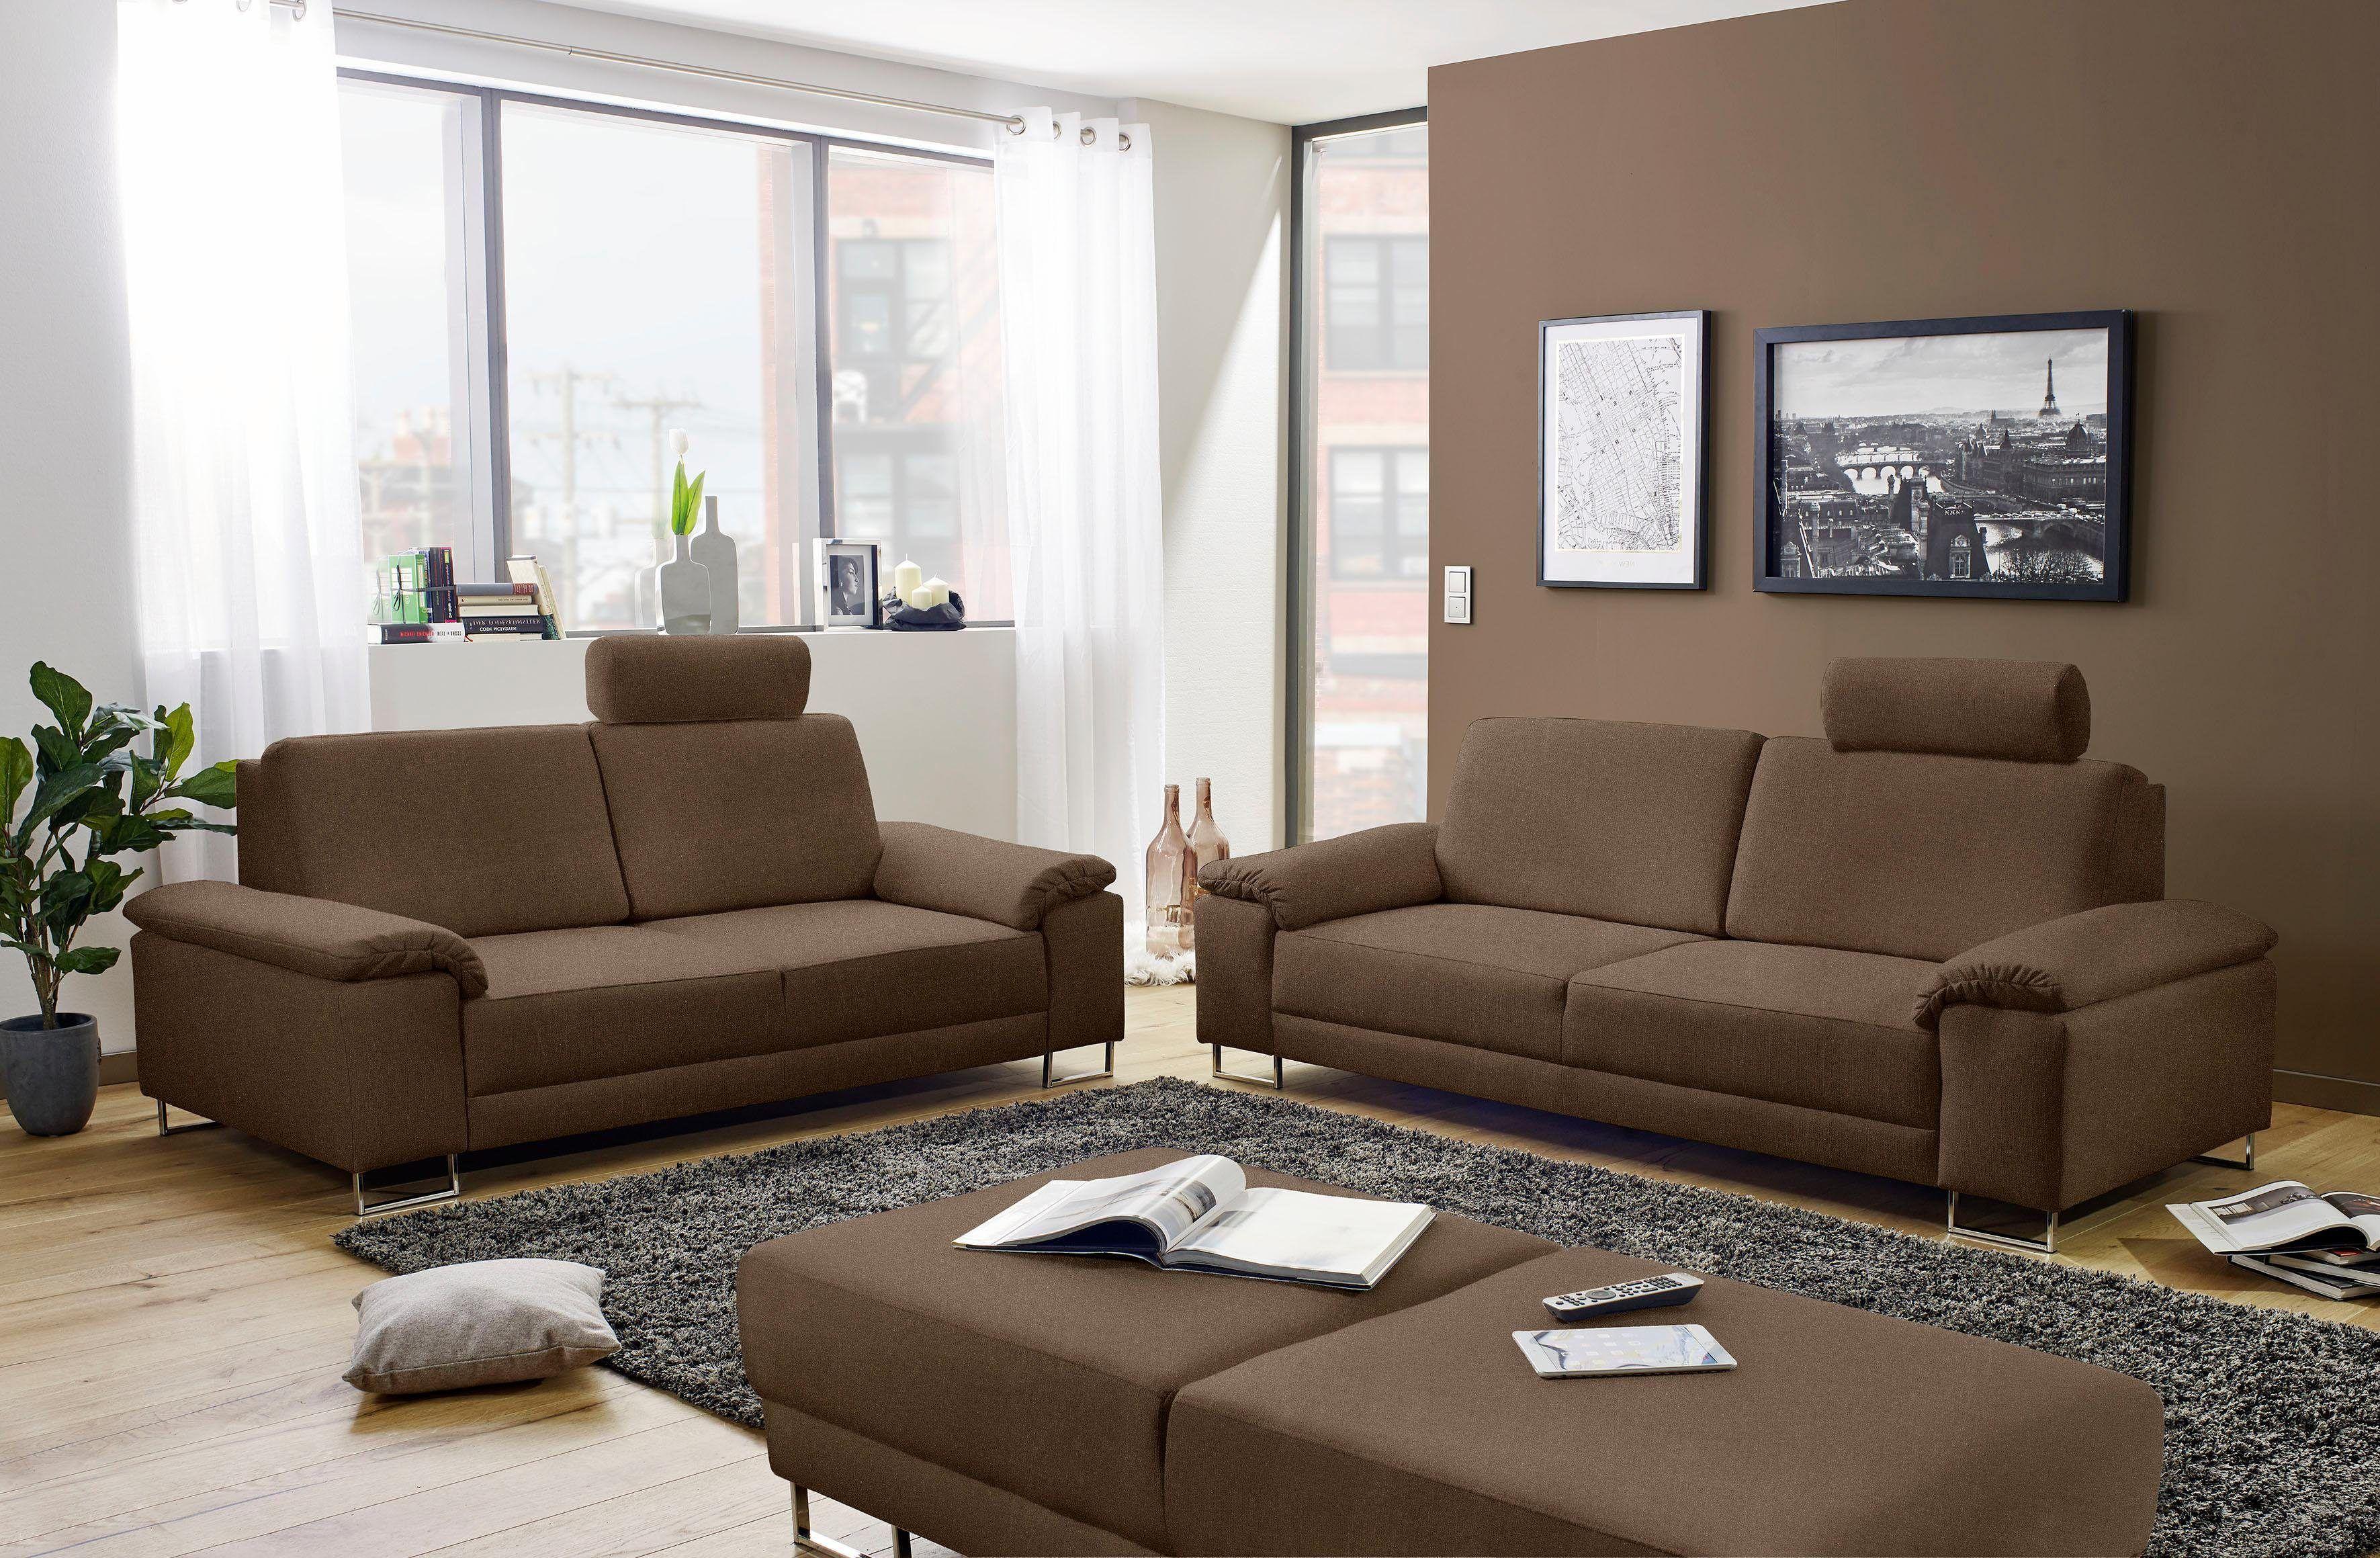 roomed 3-sitzer braun, fsc®-zertifiziert jetzt bestellen unter ... - Wohnzimmer Sofa Braun